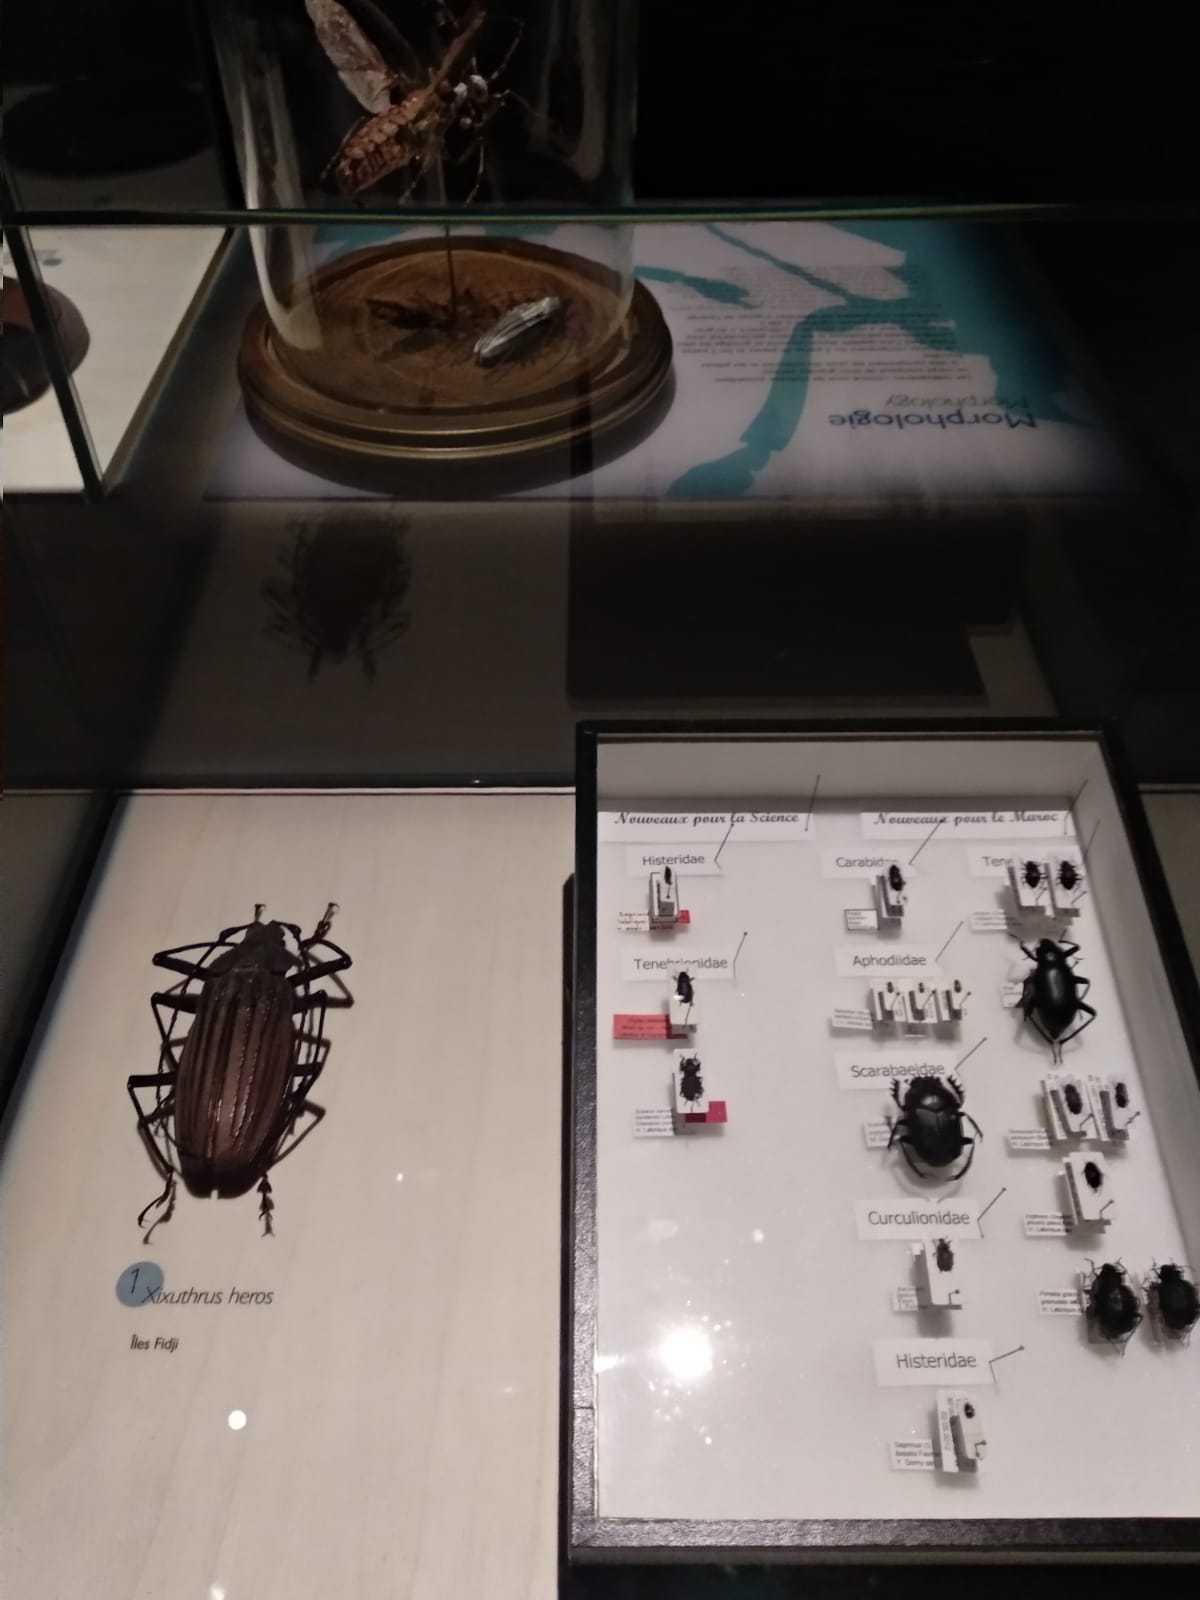 Exhibition, Coléoptères, insectes extraordinaires, Musée des Confluences, Lyon: 21 December 2018-28 June 2020